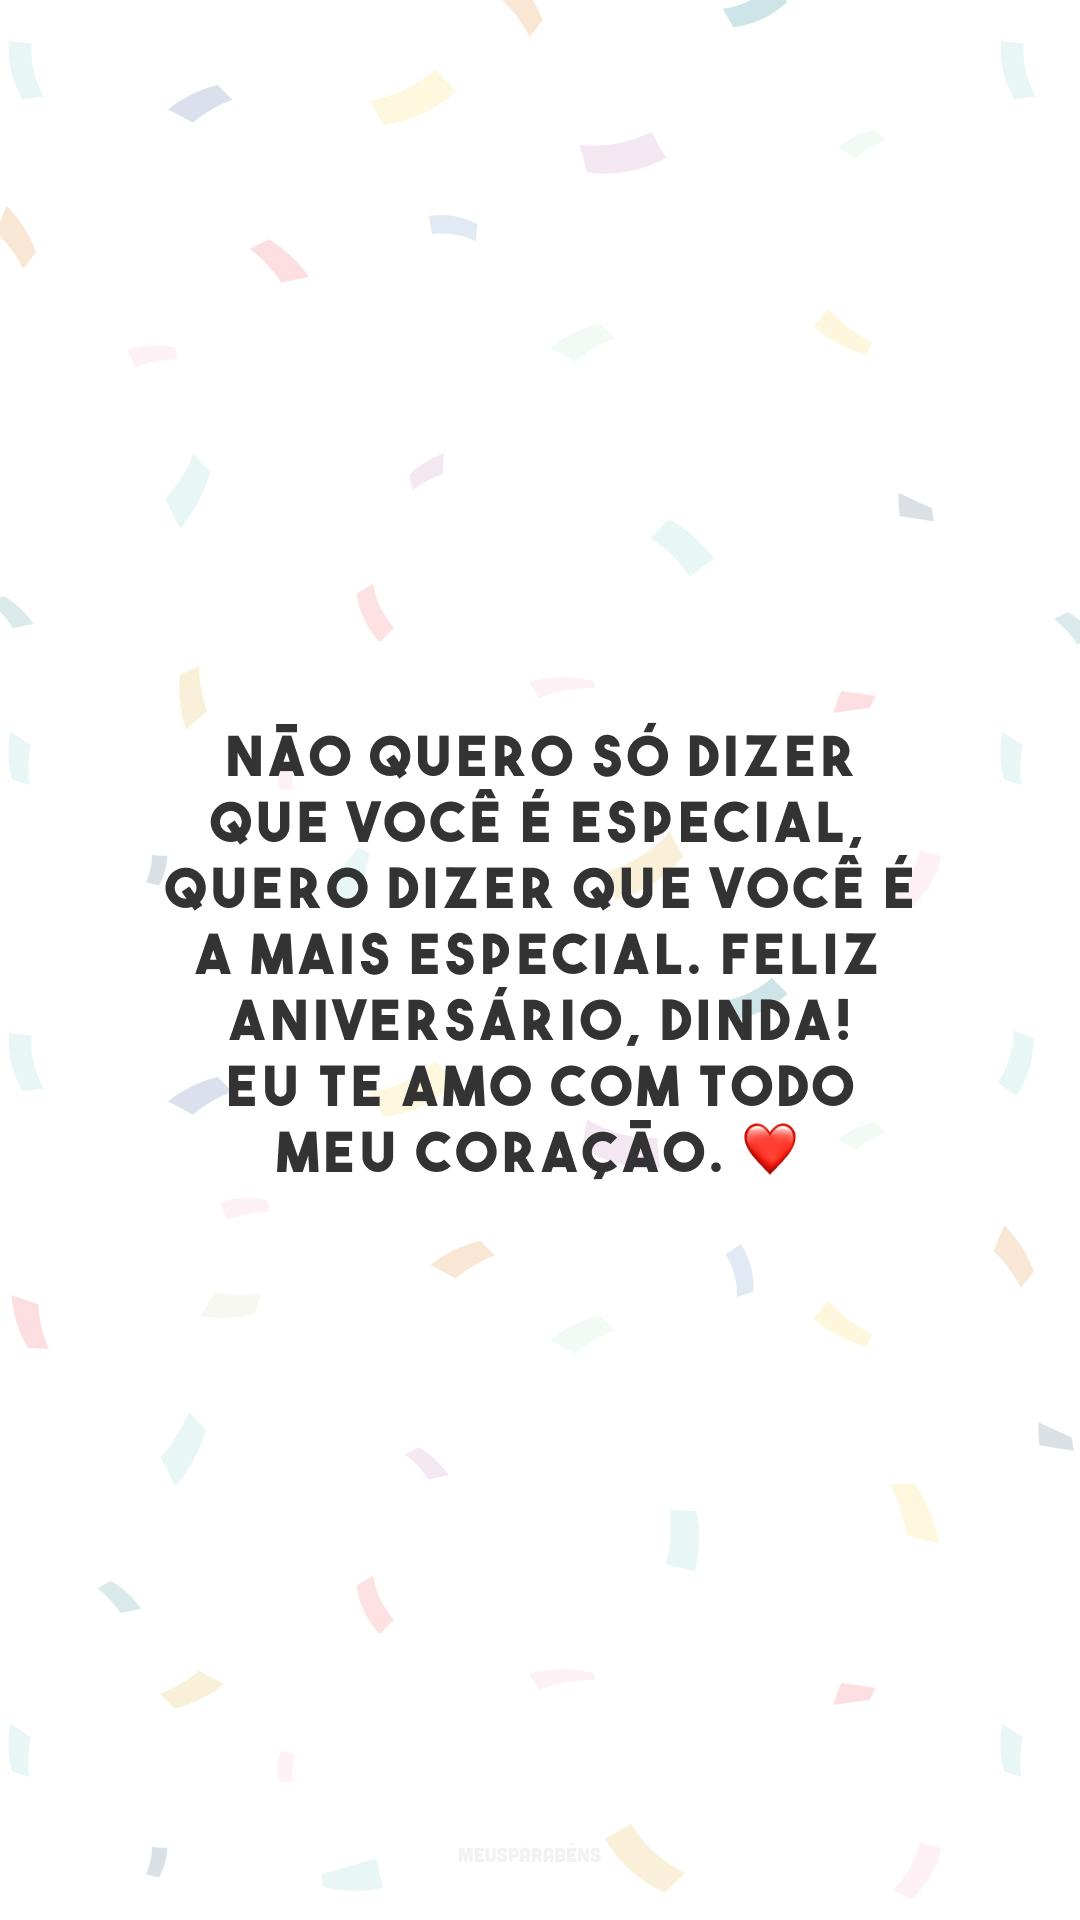 Não quero só dizer que você é especial, quero dizer que você é a mais especial. Feliz aniversário, dinda! Eu te amo com todo meu coração. ❤️